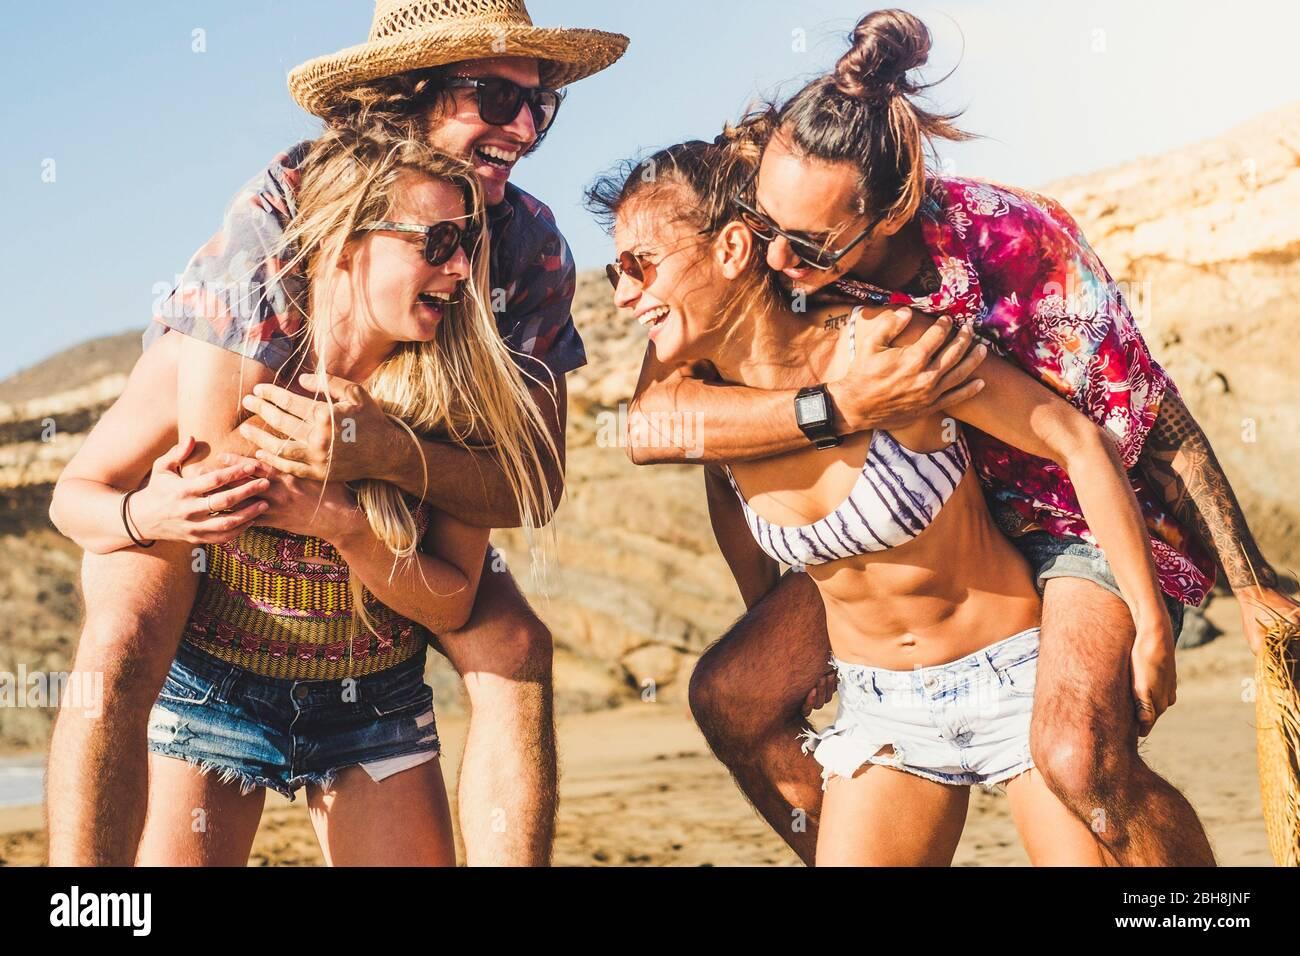 Alegre grupo feliz de gente amigos ríen mucho al aire libre en la playa - concepto de vacaciones de viajes de verano con mujeres llevando a los hombres - sol y divertido estilo de vida para el milenio alternativo - hermoso lugar de resort Foto de stock